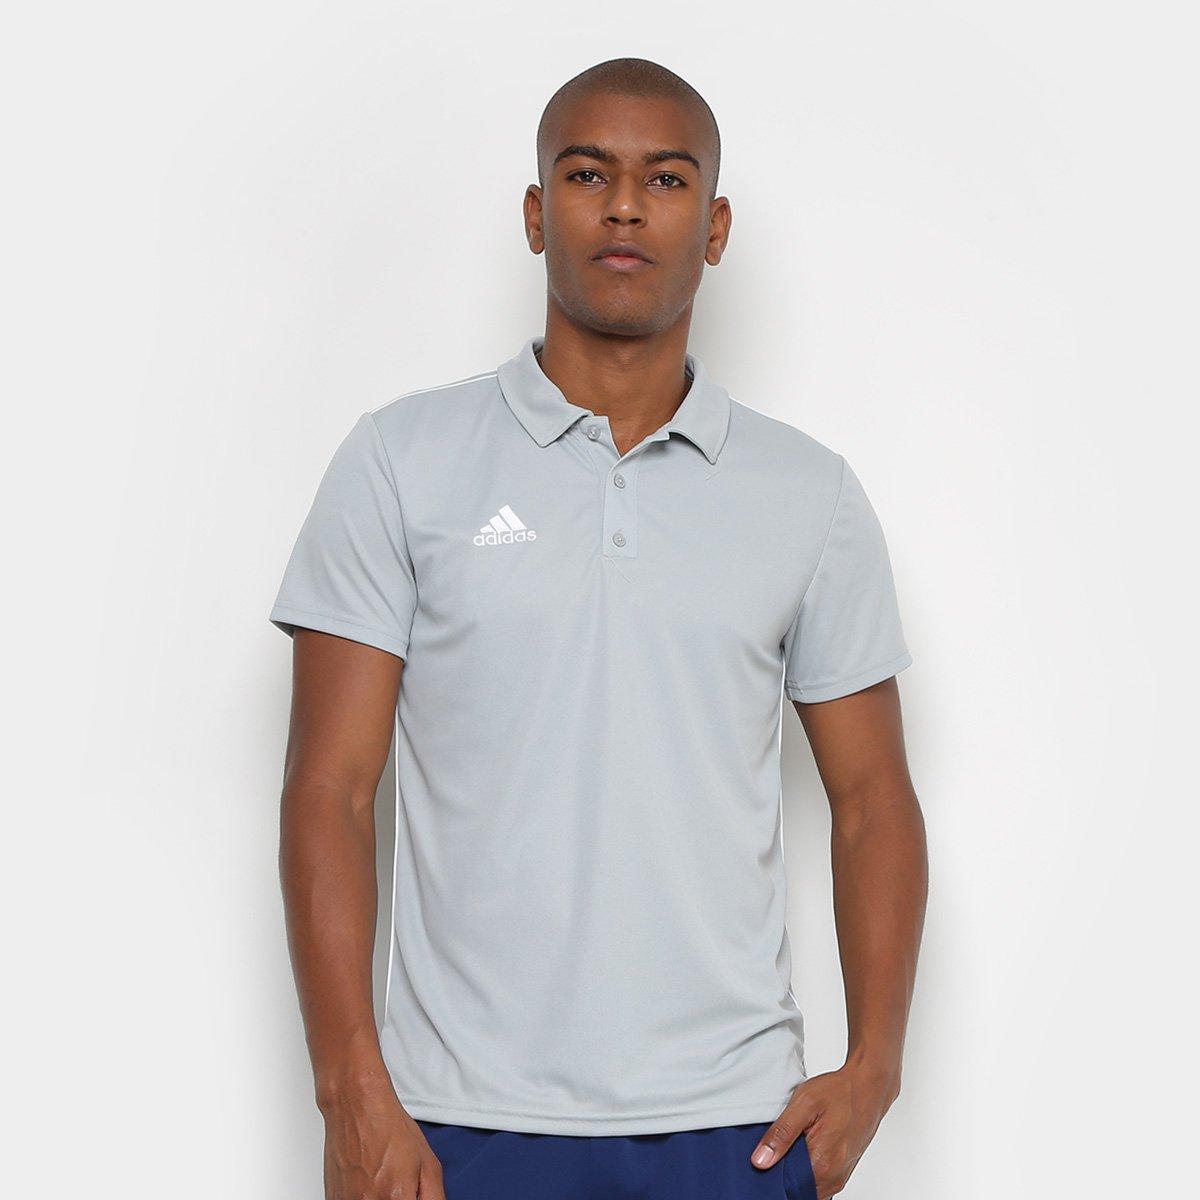 4ec516df7d4 Camisa Polo Adidas Core 18 Masculina - Branco - Compre Agora